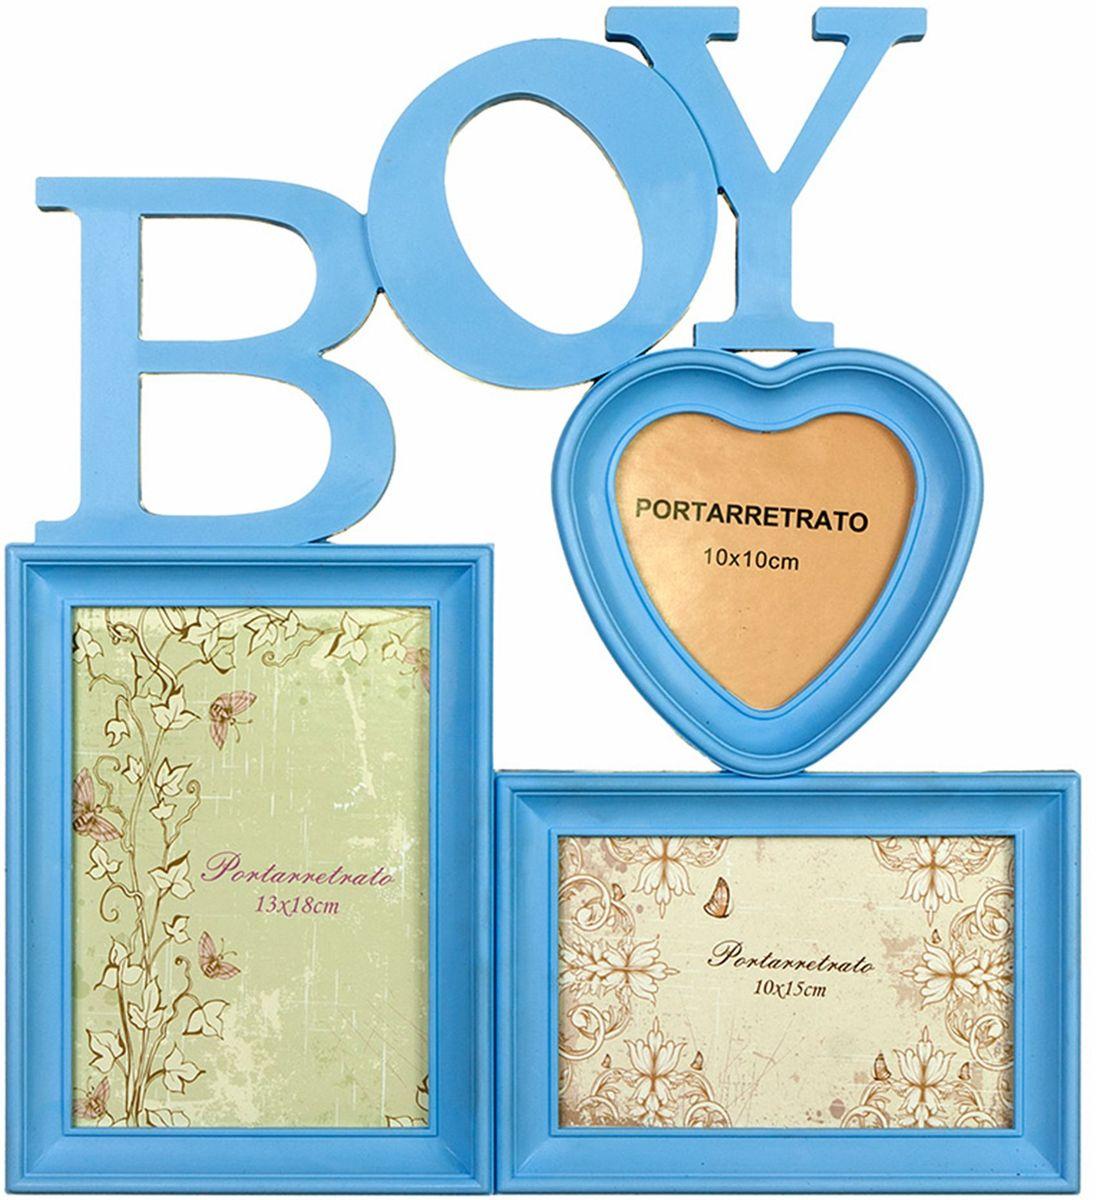 Коллаж Platinum Boy, цвет: голубой, 3 фоторамки. BIN-112291552193 PS922-8Пластиковый коллаж с 1 фото 13х18, 1 фото 10х15 см, 1 фото 10х10 см.